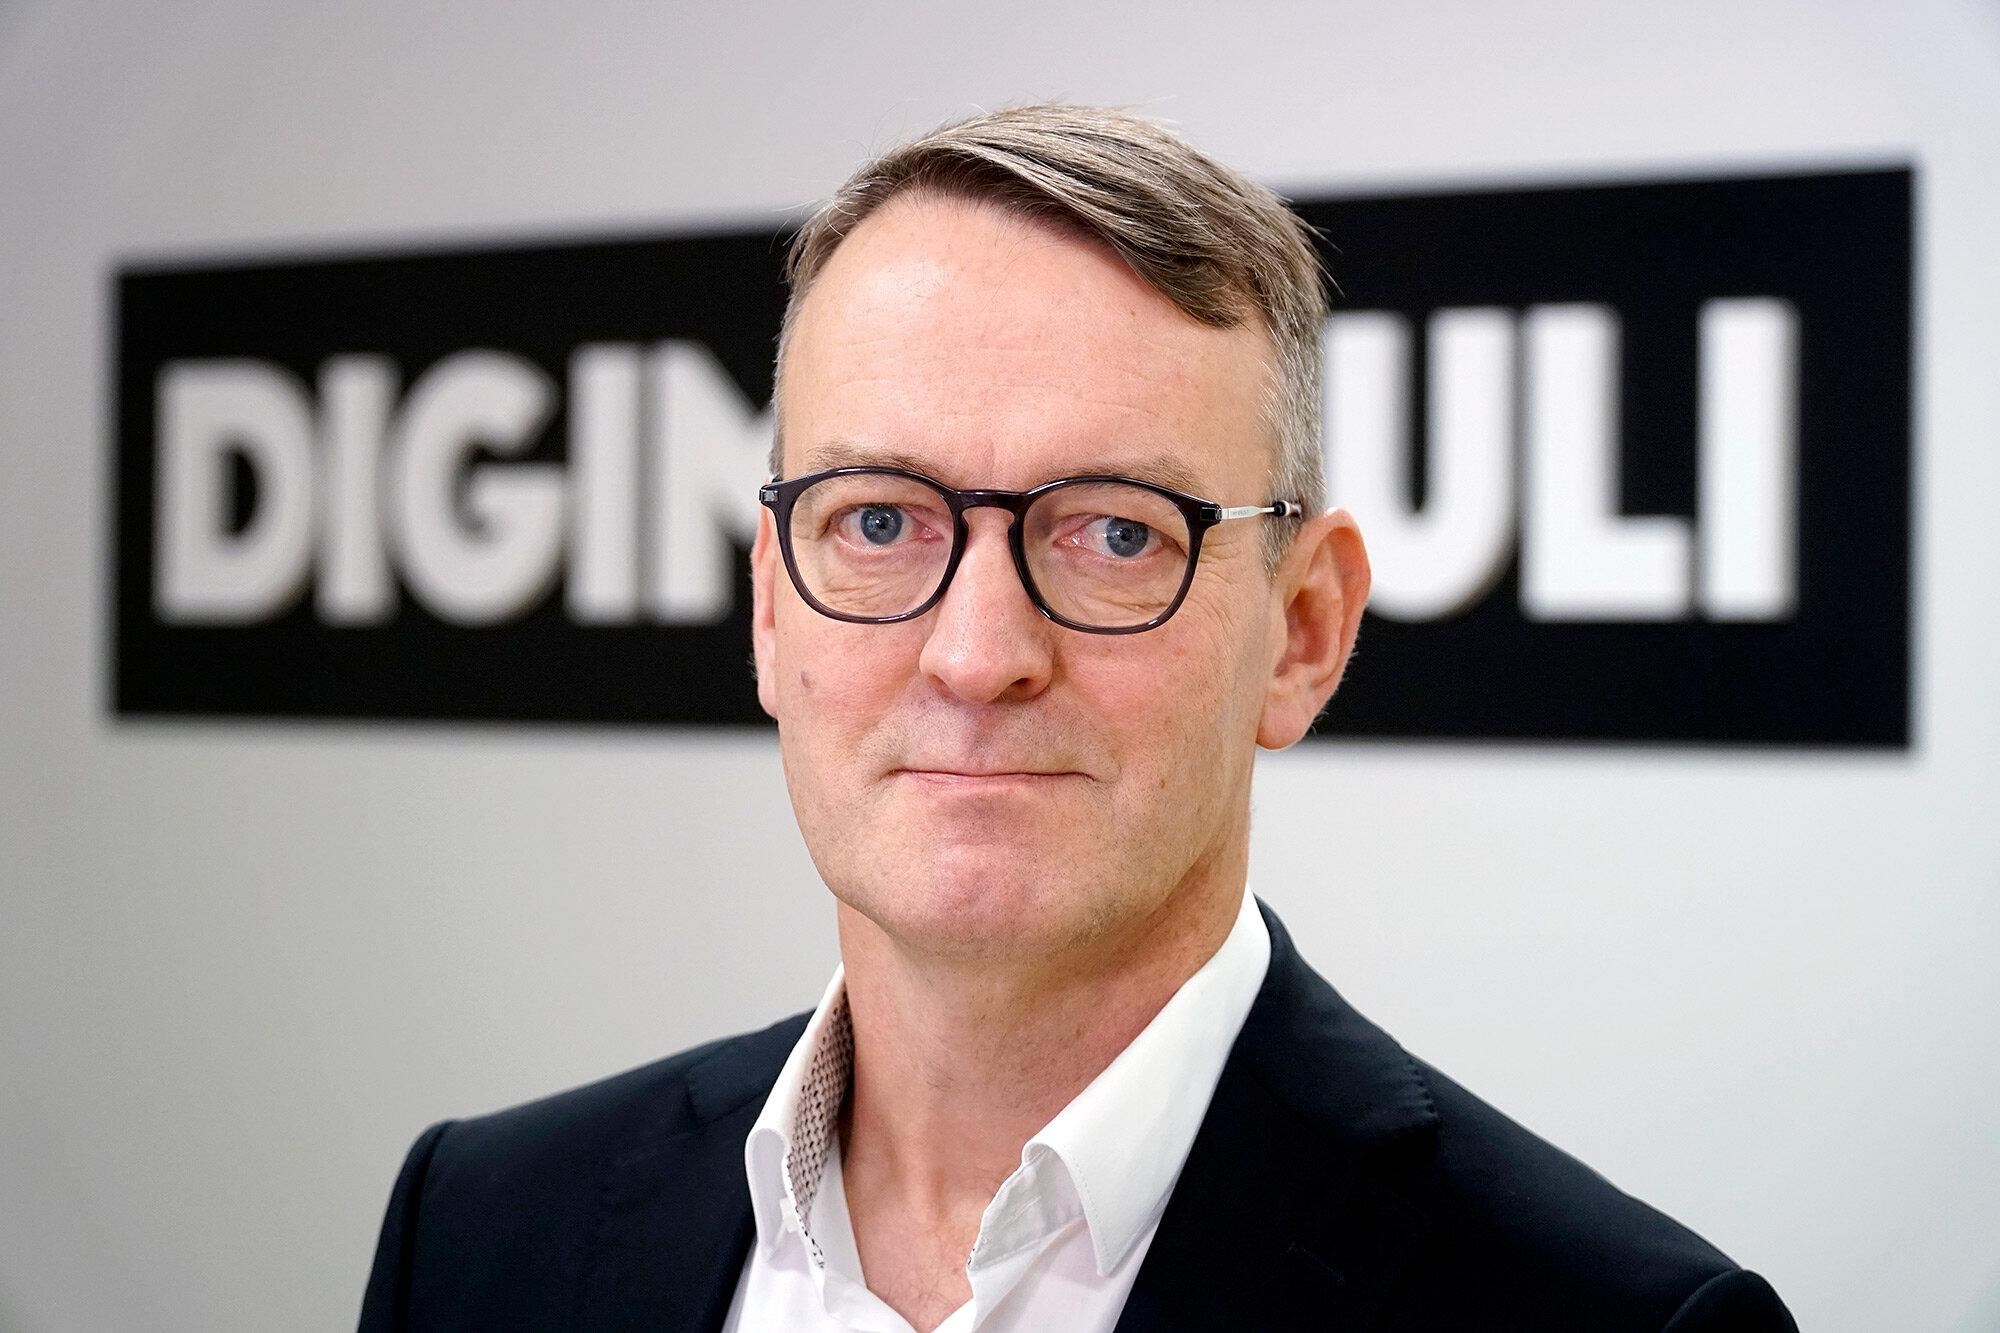 Juha Väyrynen